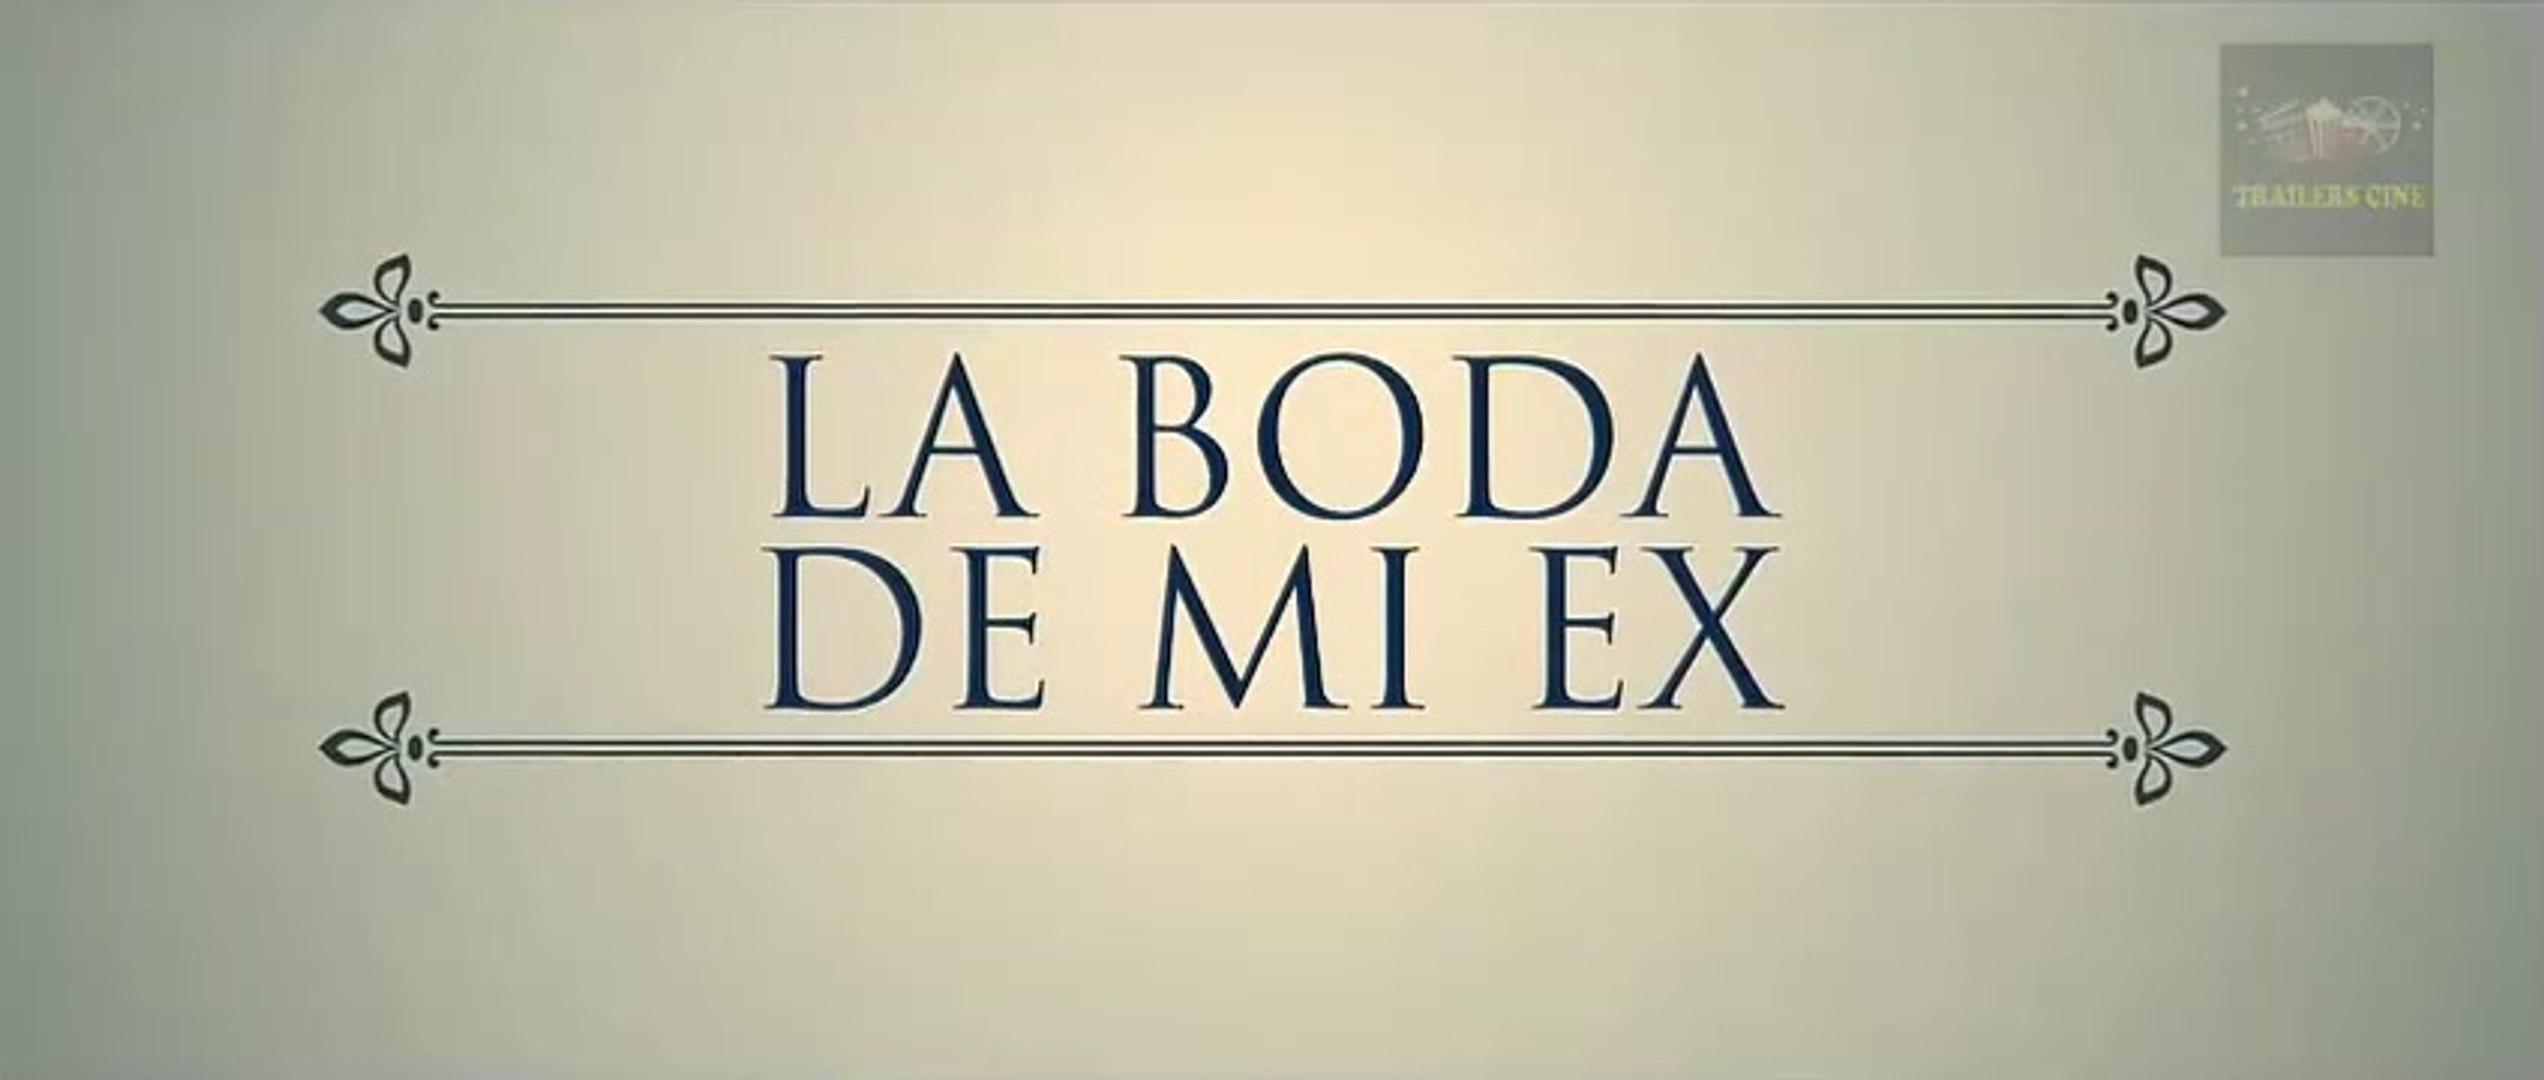 La boda de mi ex -Trailer Español HD